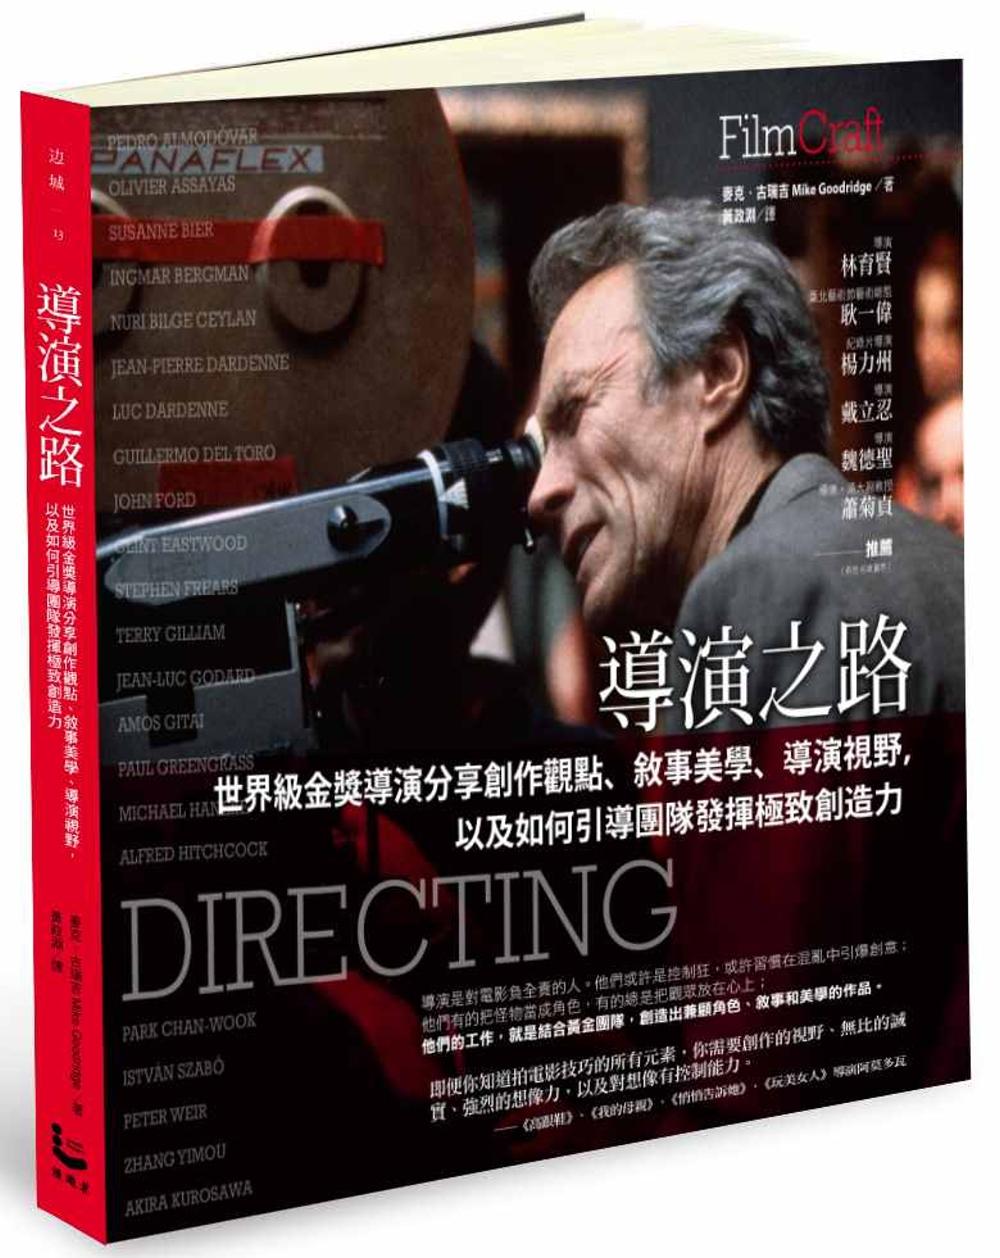 導演之路:世界級金獎導演分享創作觀點、敘事美學、導演視野,以及如何引導團隊發揮極致創造力